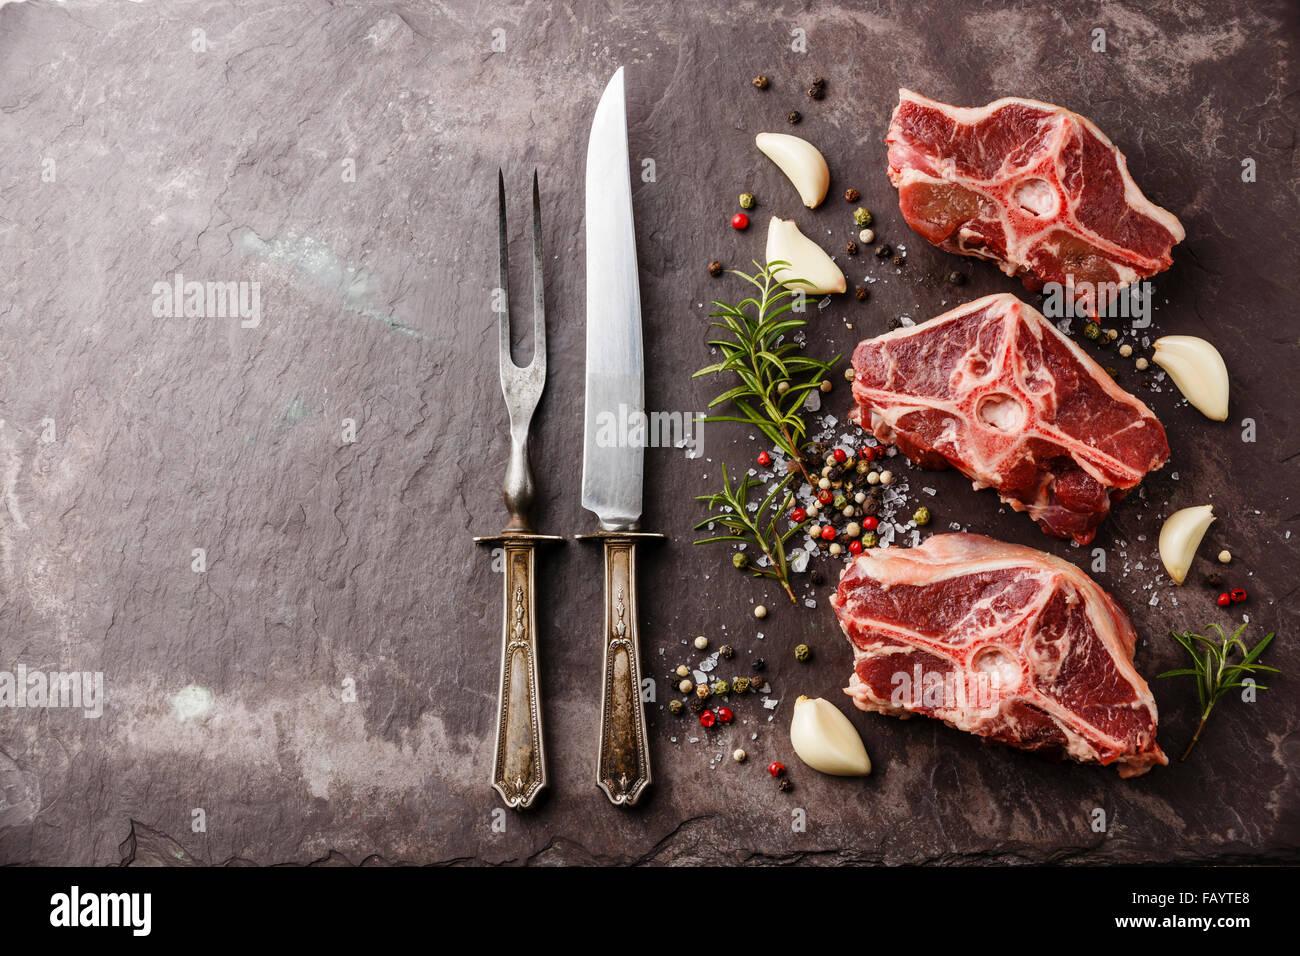 Rohes Frischfleisch Hammel Lammrücken mit Kräutern und Gewürzen auf Stein Schiefer Teller Stockbild